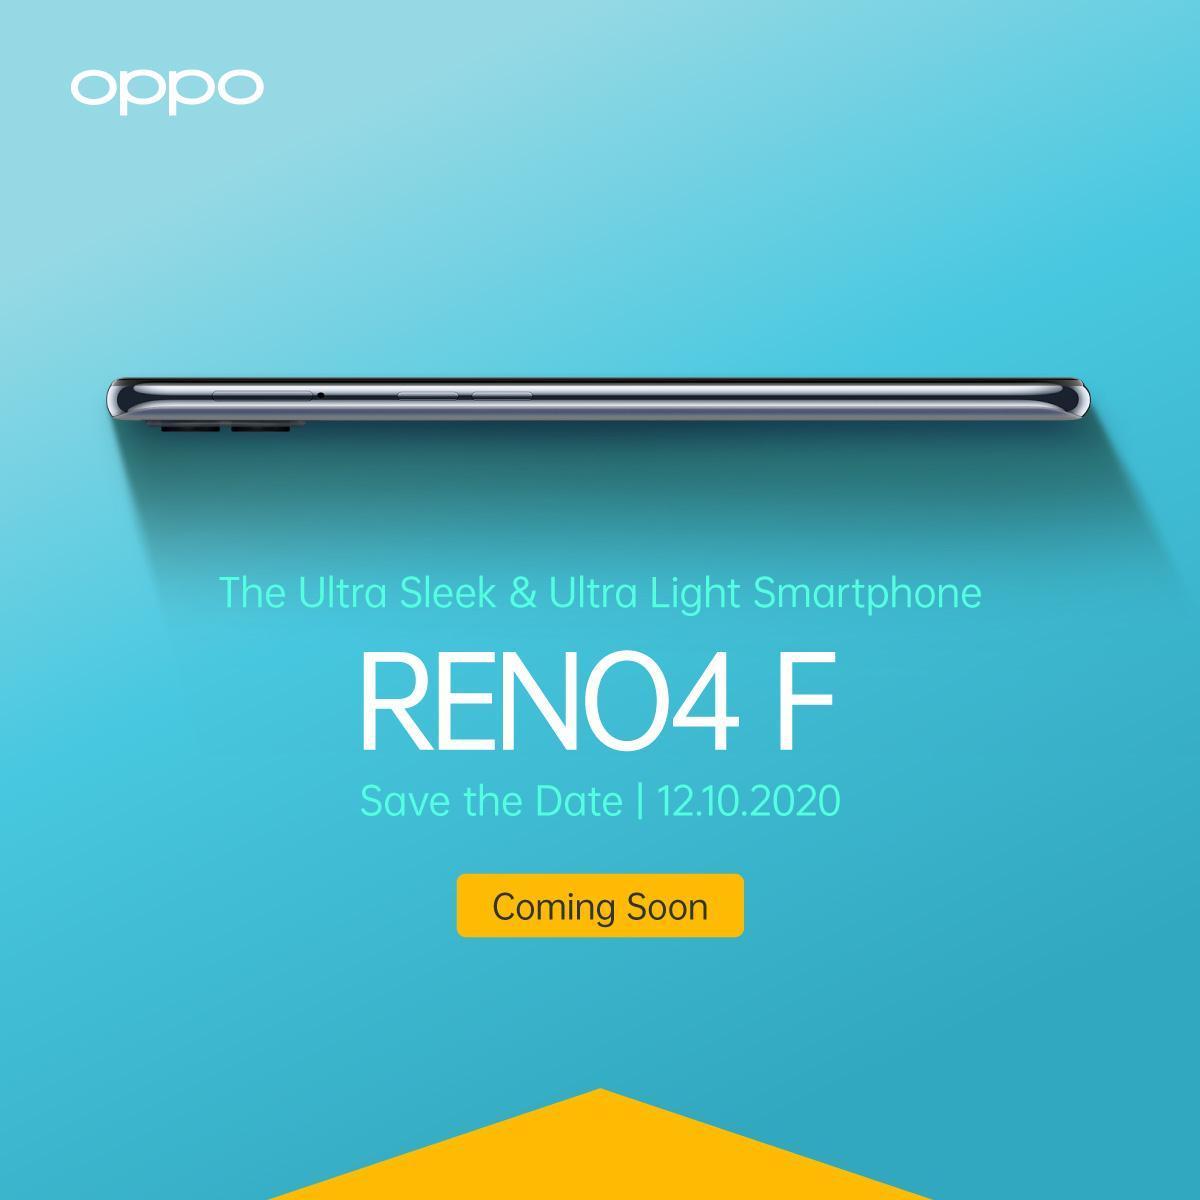 OPPO Reno4 F将于10月12日上市,其设计类似于F17